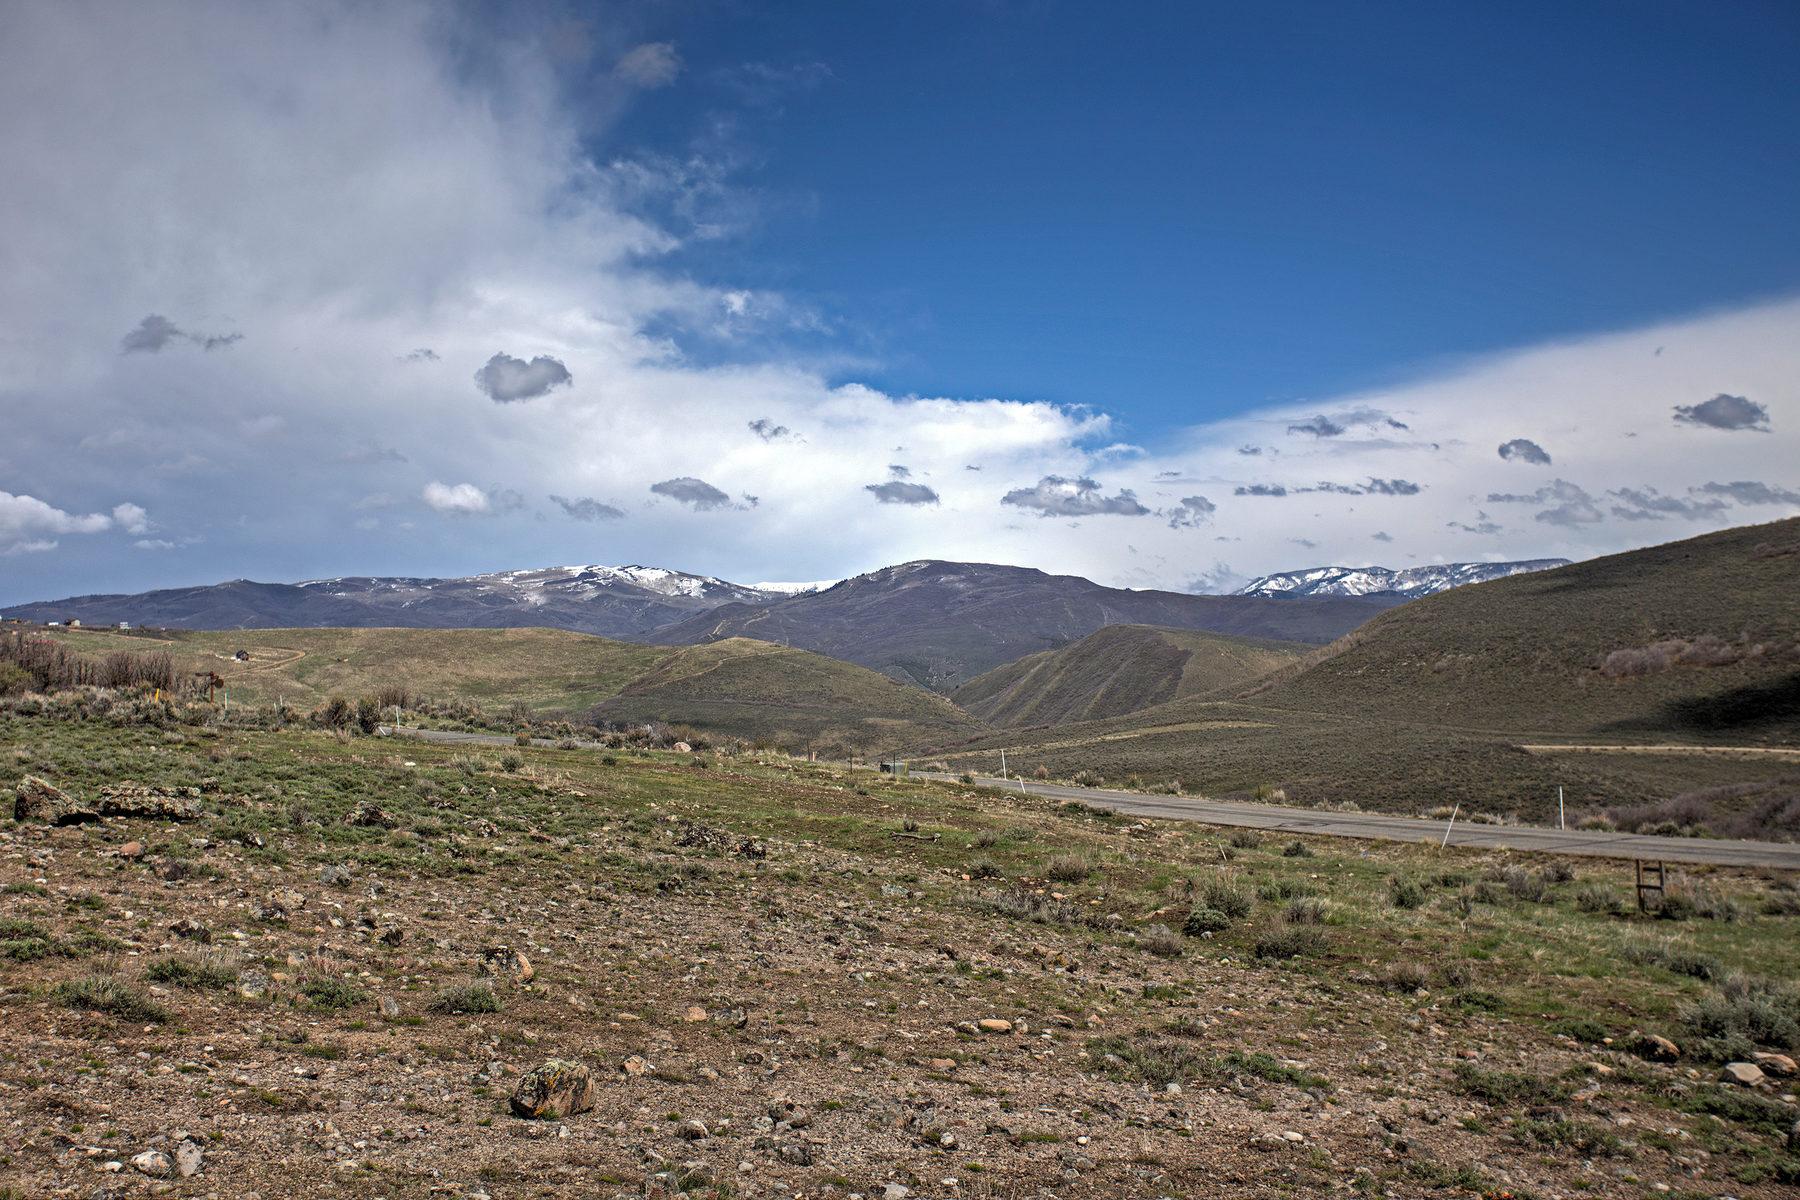 Đất đai vì Bán tại Promontory Mountain View Homesite 4183 Aspen Camp Lp Park City, Utah, 84098 Hoa Kỳ